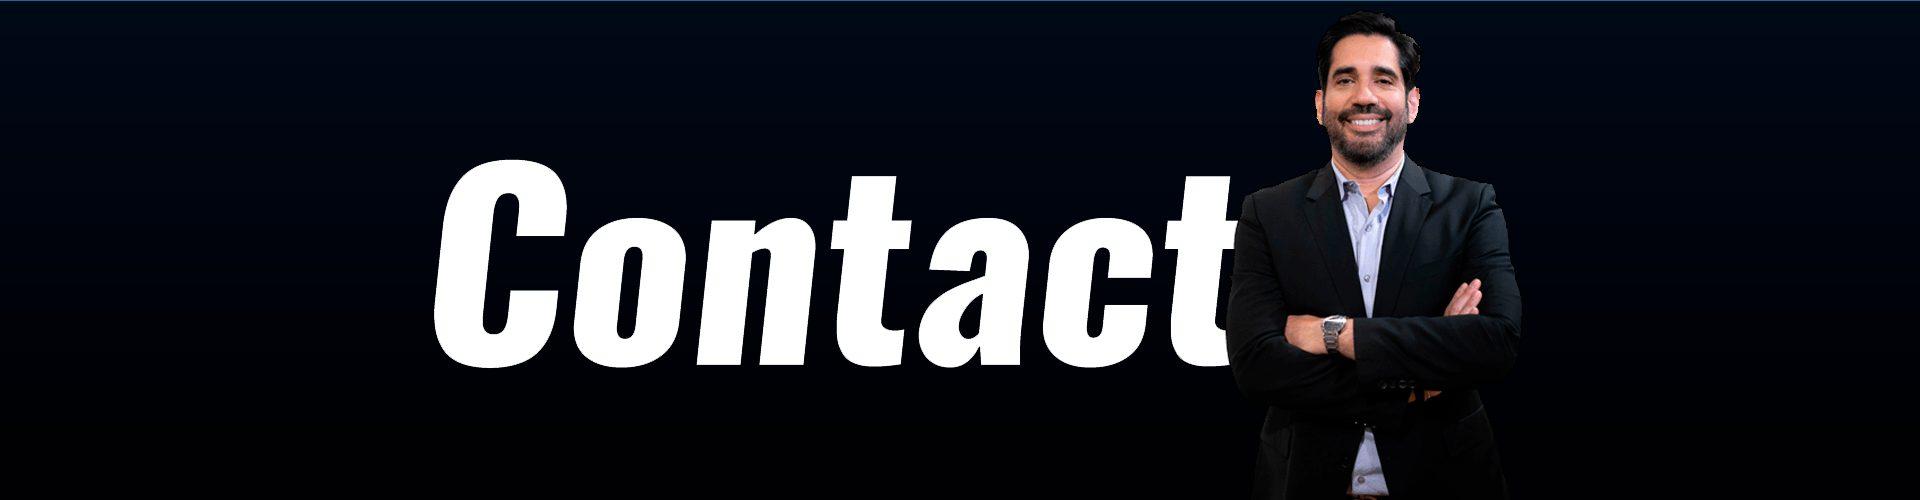 Contact Hiram Enriquez